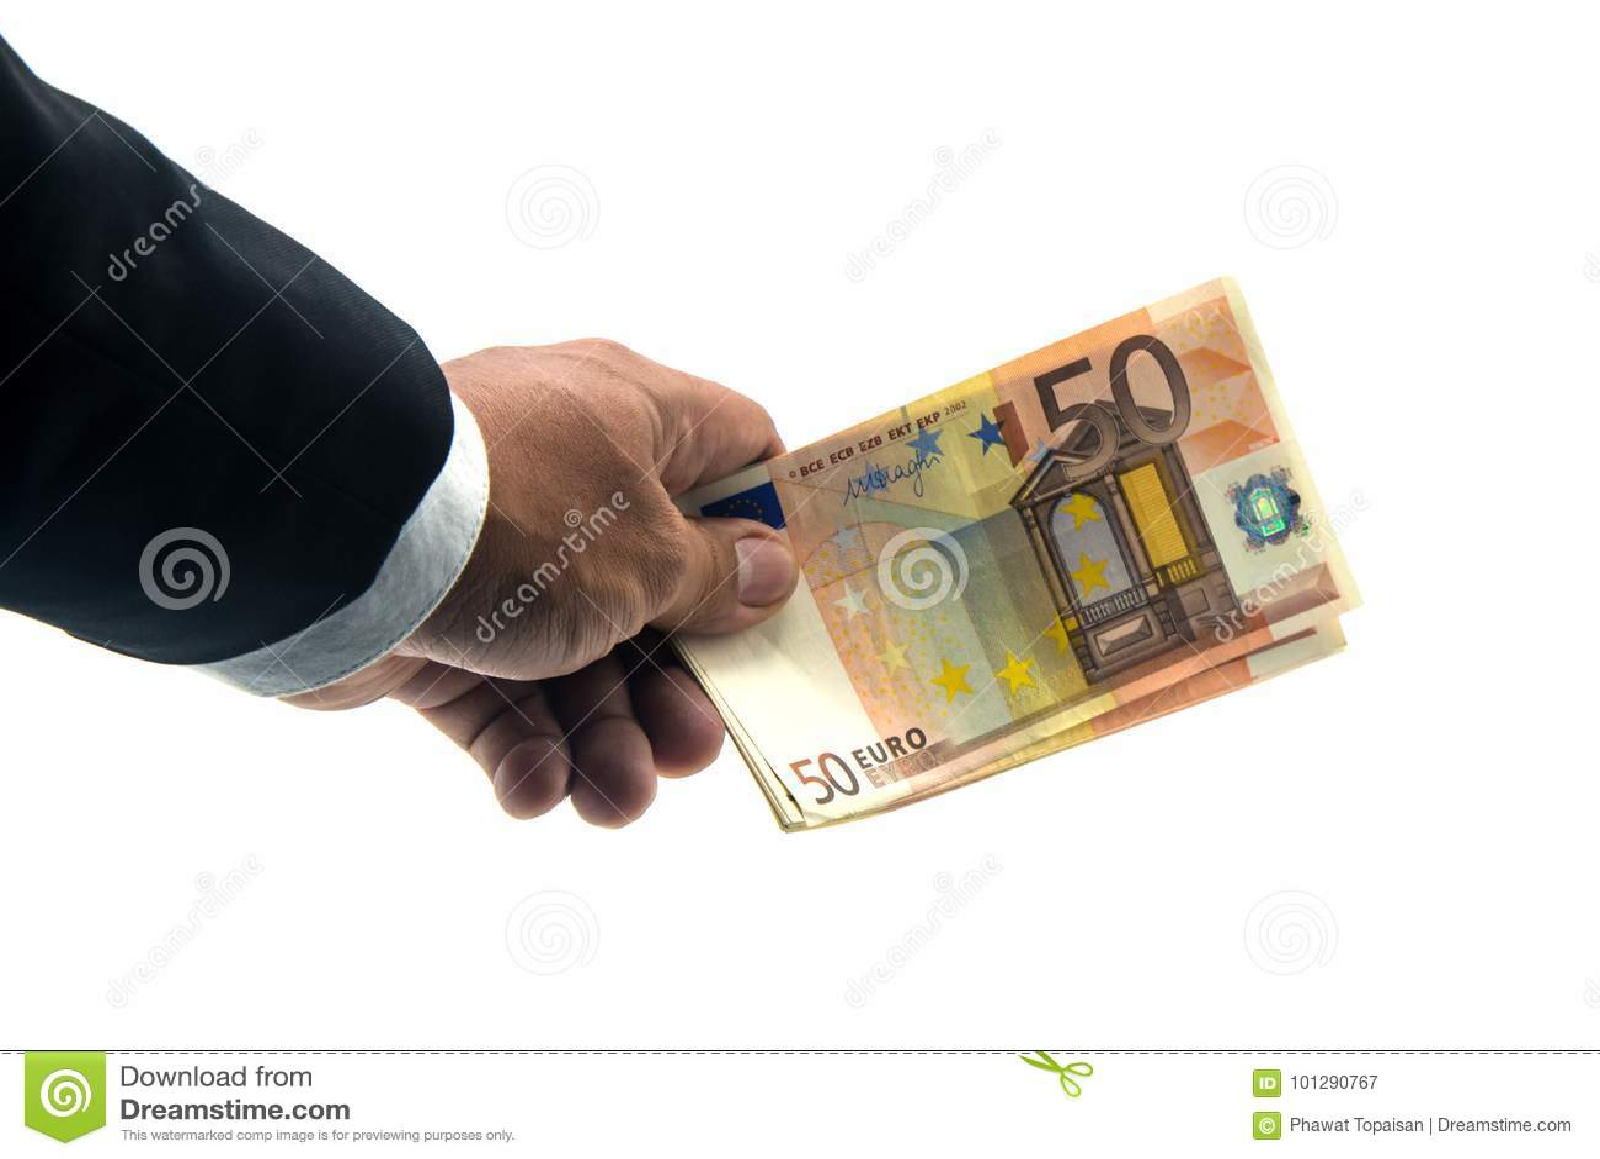 Mano soldi delle banconote della tenuta dell uomo d affari di euro isolati su fondo bianco